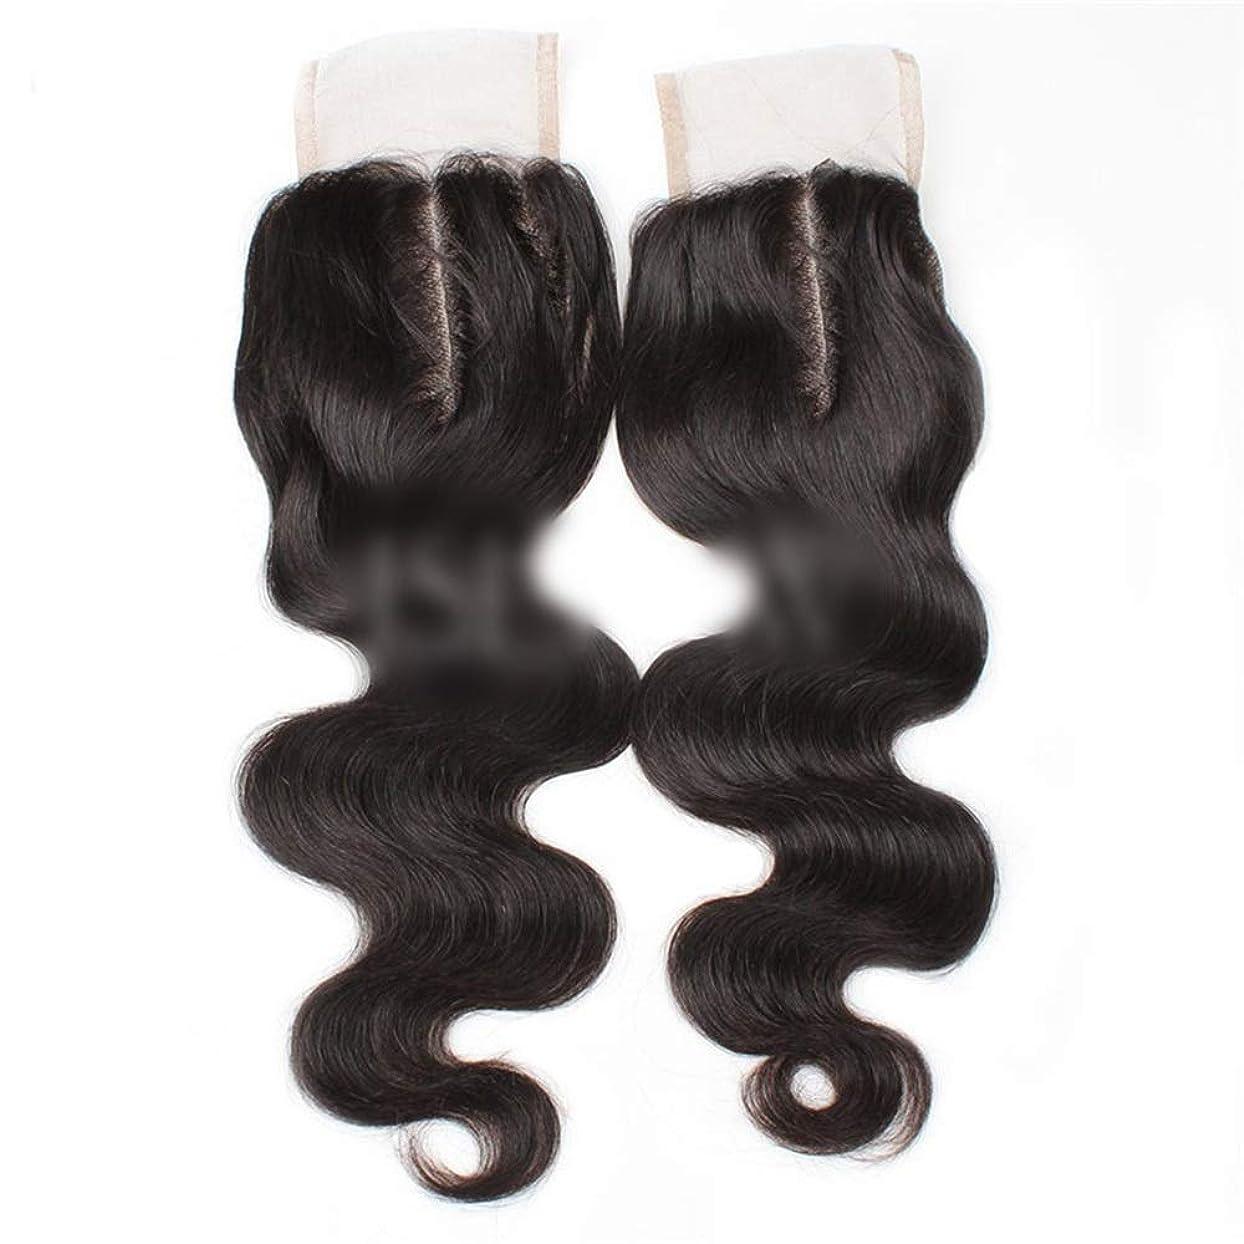 グリル付与プレゼンテーションBOBIDYEE 9aブラジル髪実体波中間部4×4レース閉鎖人間の髪の毛ナチュラルブラック8